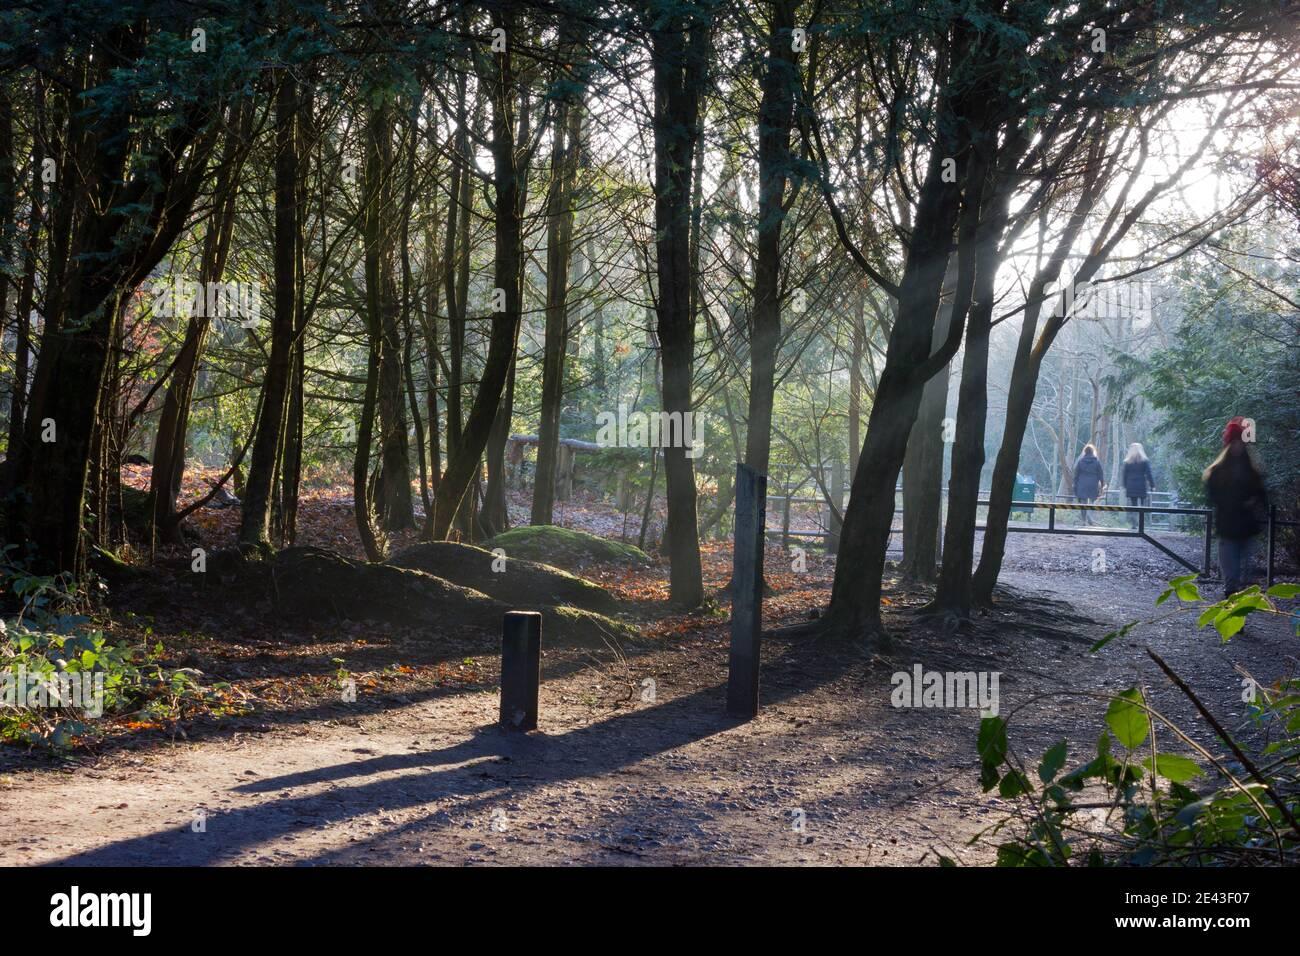 Los rayos solares de invierno se extienden a través de los árboles en el bosque, Kent, Inglaterra Foto de stock